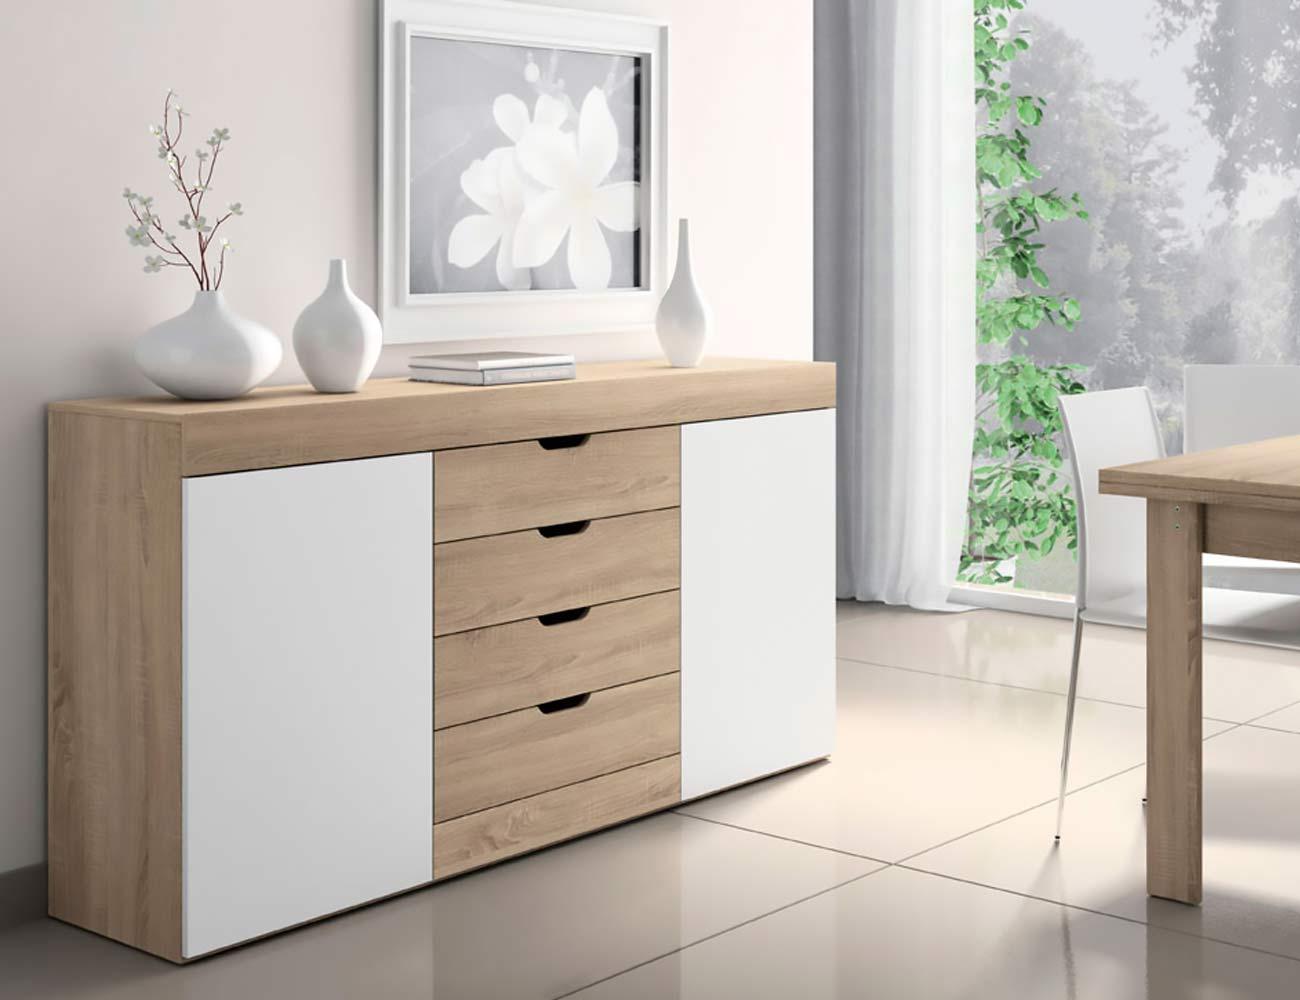 Aparador de salon de estilo moderno color cambrian con - Factory del mueble sevilla ...